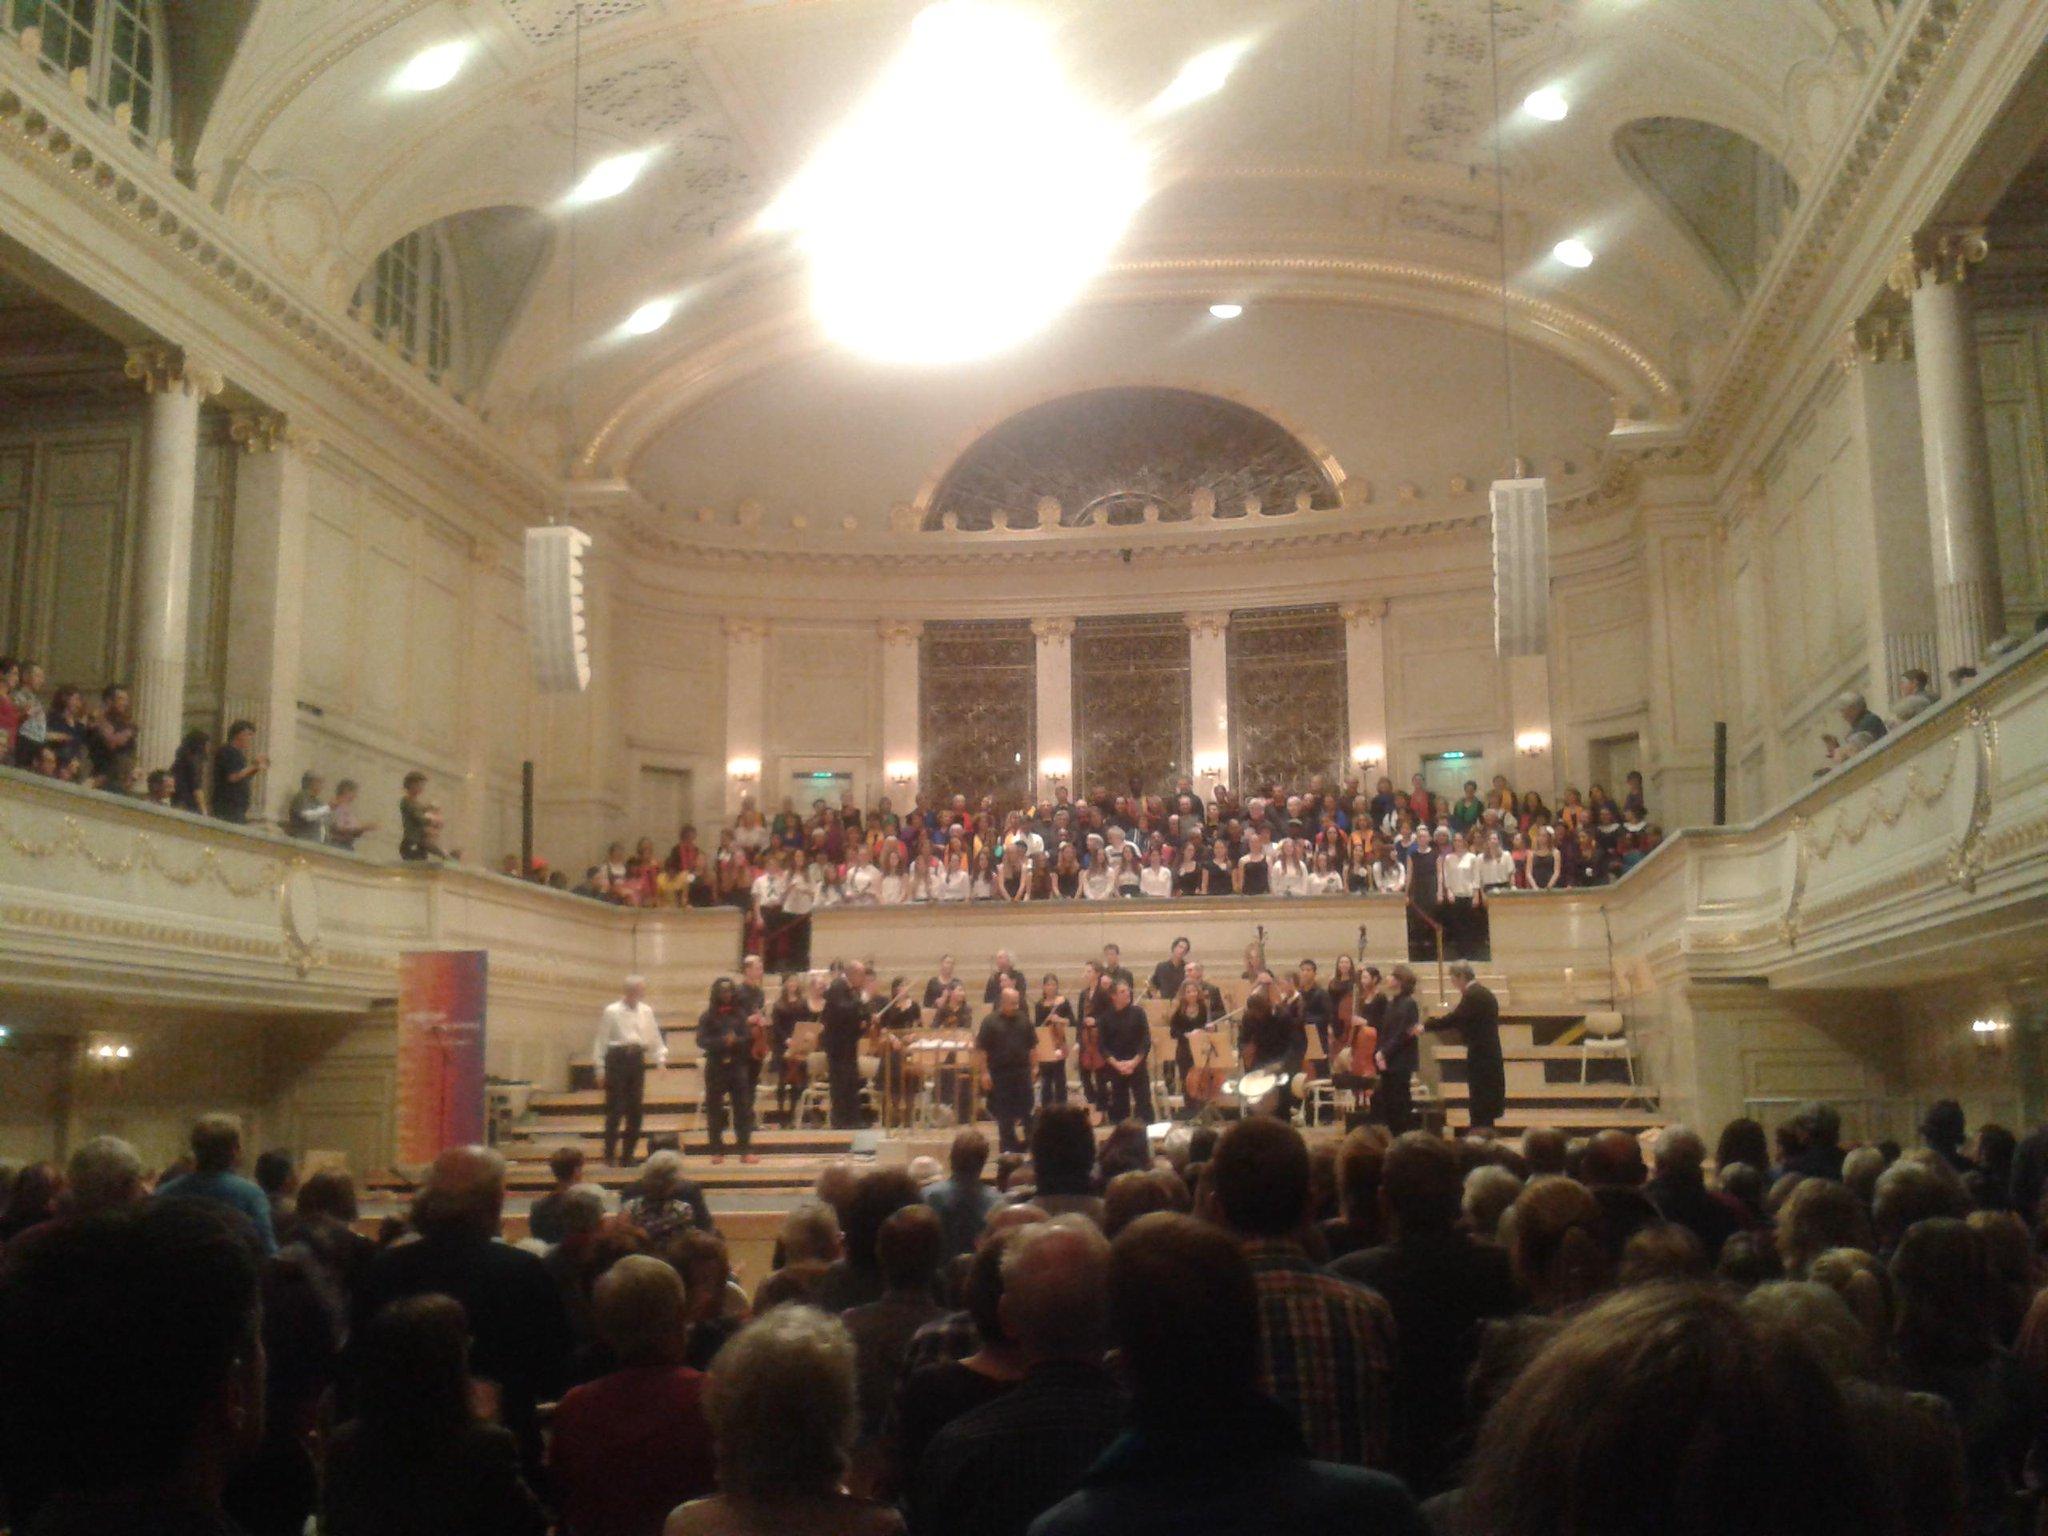 #ChorDerNationen #Bern. #Konzert heute in der #Kultur -Casino. Viele Sprache, eine Stimme. #musik http://t.co/wiKwipLxmQ